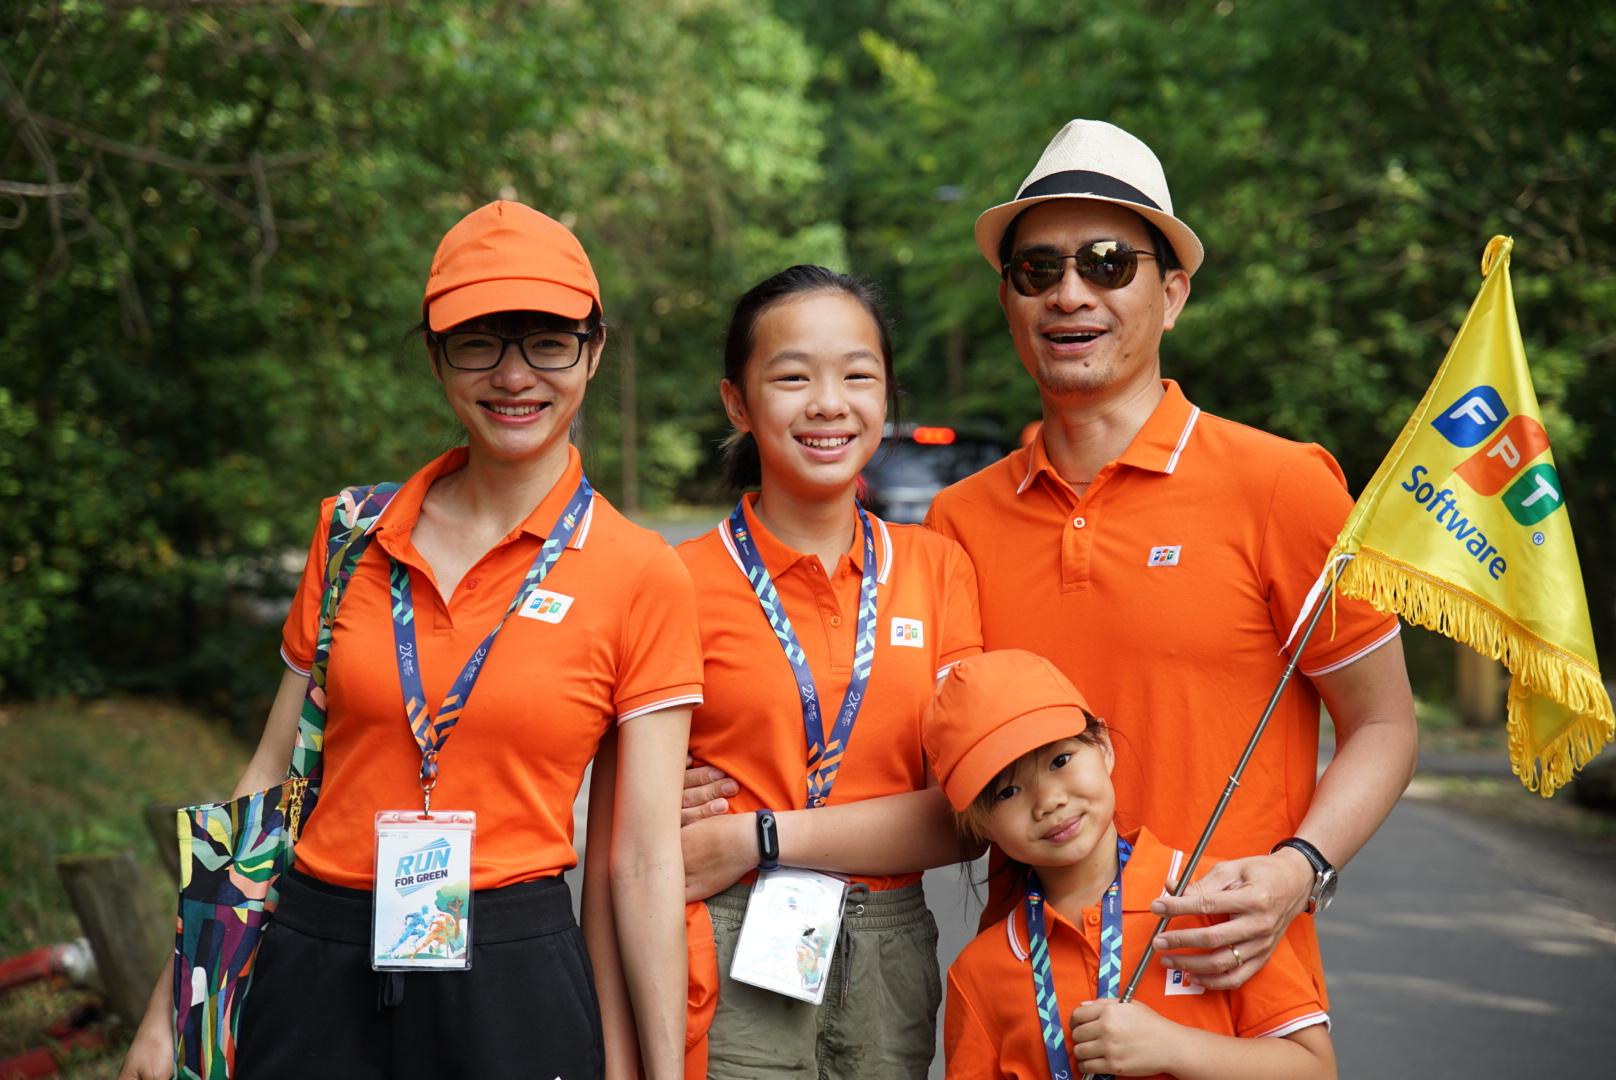 Nhiều CBNV đưa gia đình tham gia chạy. VĐV nhỏ tuổi nhất là 22 tháng tuổi. Tổng cộng 29 người cùng tham gia giải chạy. Ảnh gia đình chị Trần Việt Linh tham gia Run For Green.